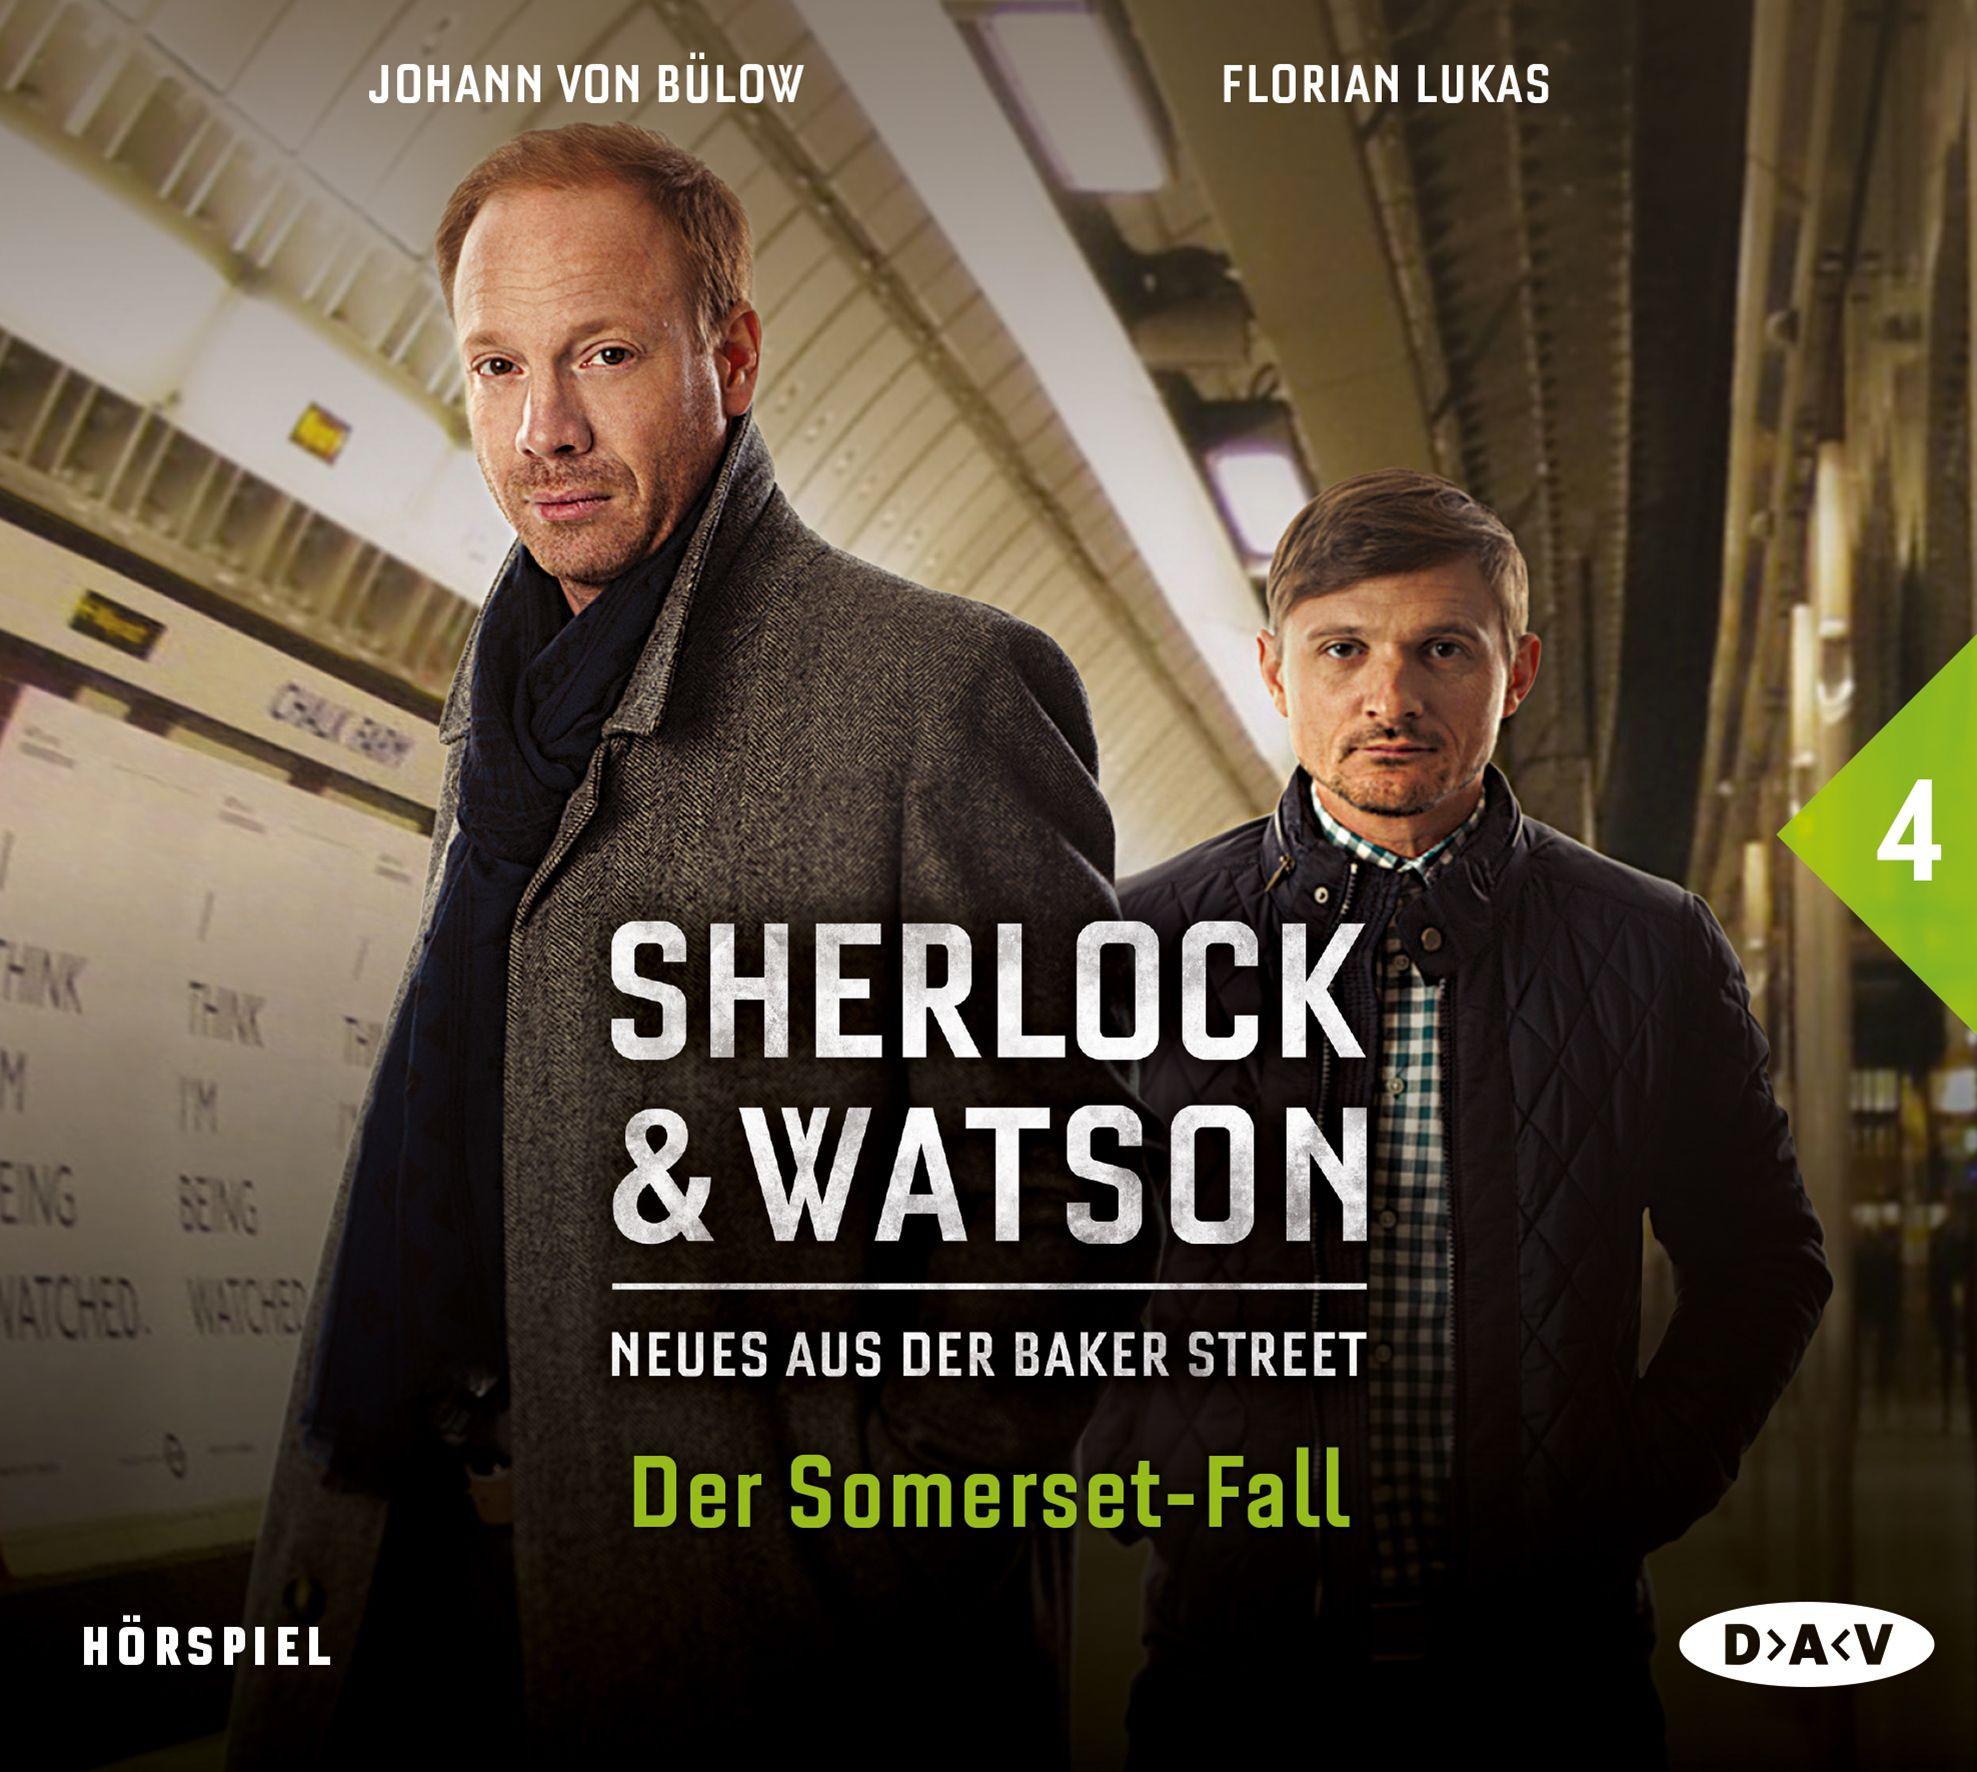 Sherlock & Watson - Neues aus der Baker Street 4: Der Somerset-Fall